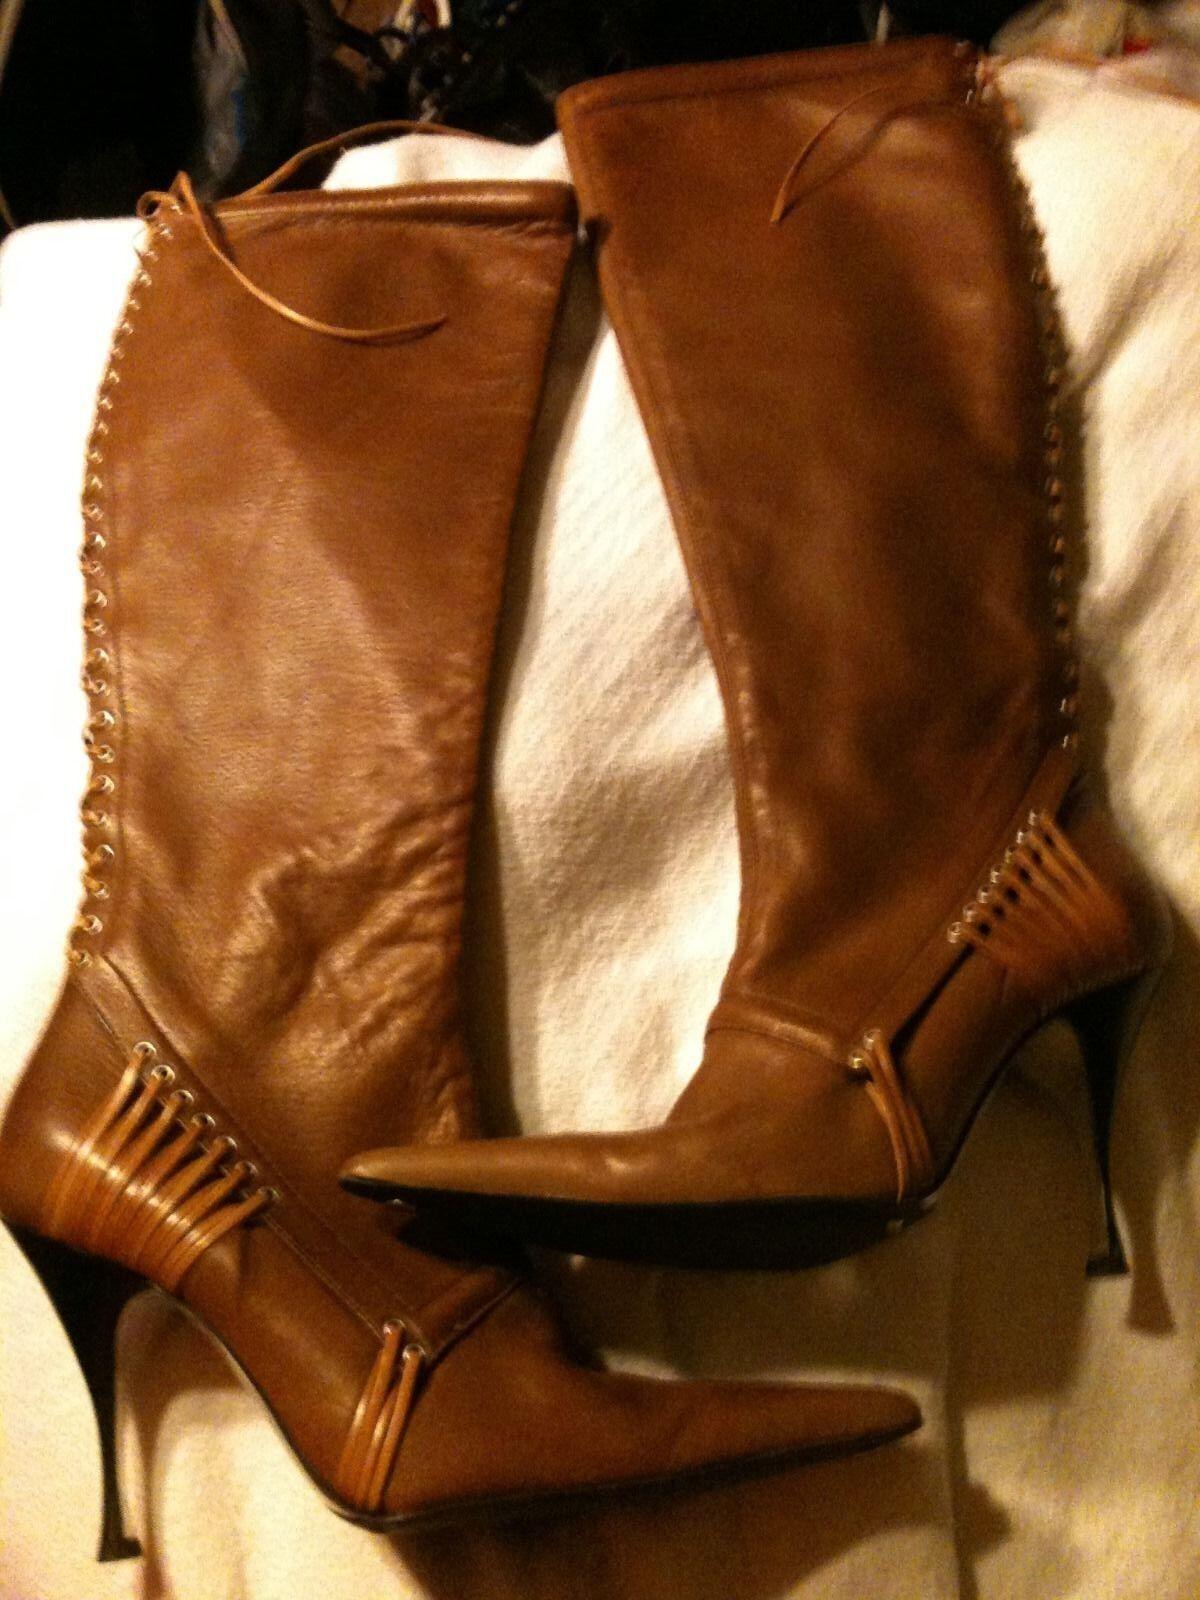 nuovo di marca Gianfranco Ferre Dimensione 9- 9- 9- 39  Donna  Leather stivali Worn Once Heels Classy  risparmia il 60% di sconto e la spedizione veloce in tutto il mondo